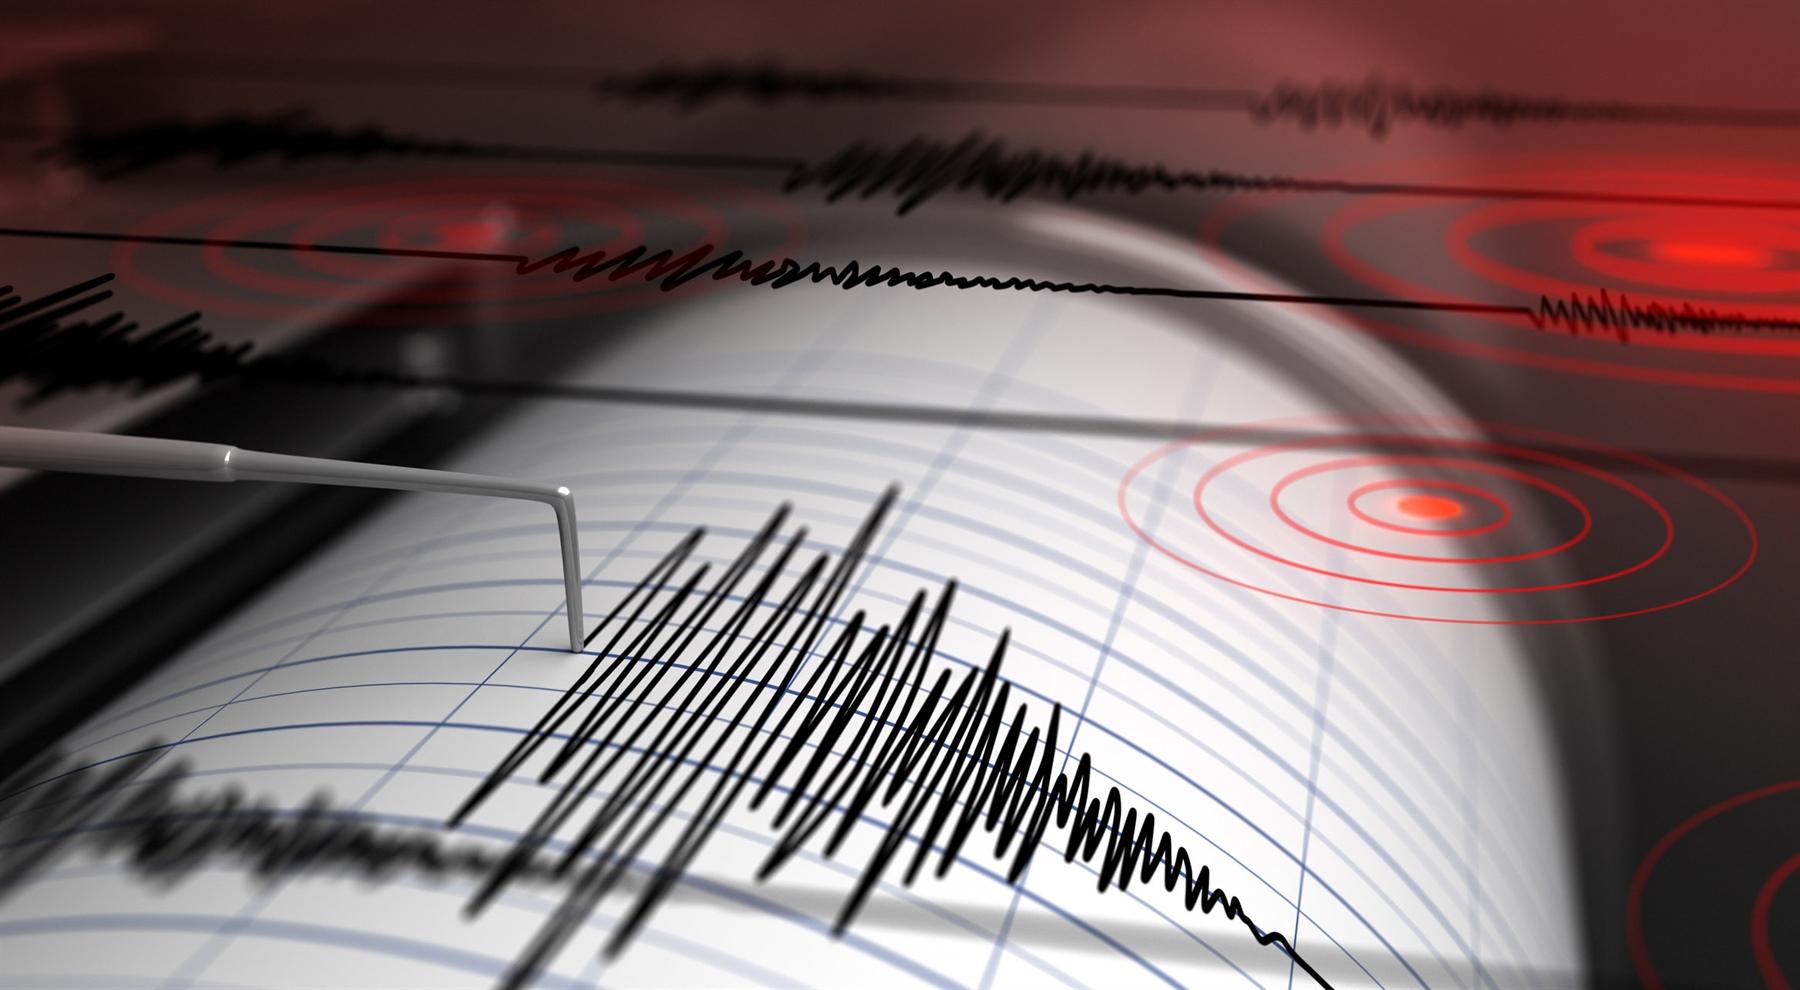 Meksika'da 7,5 büyüklüğünde deprem! Tsunami uyarısı yapıldı